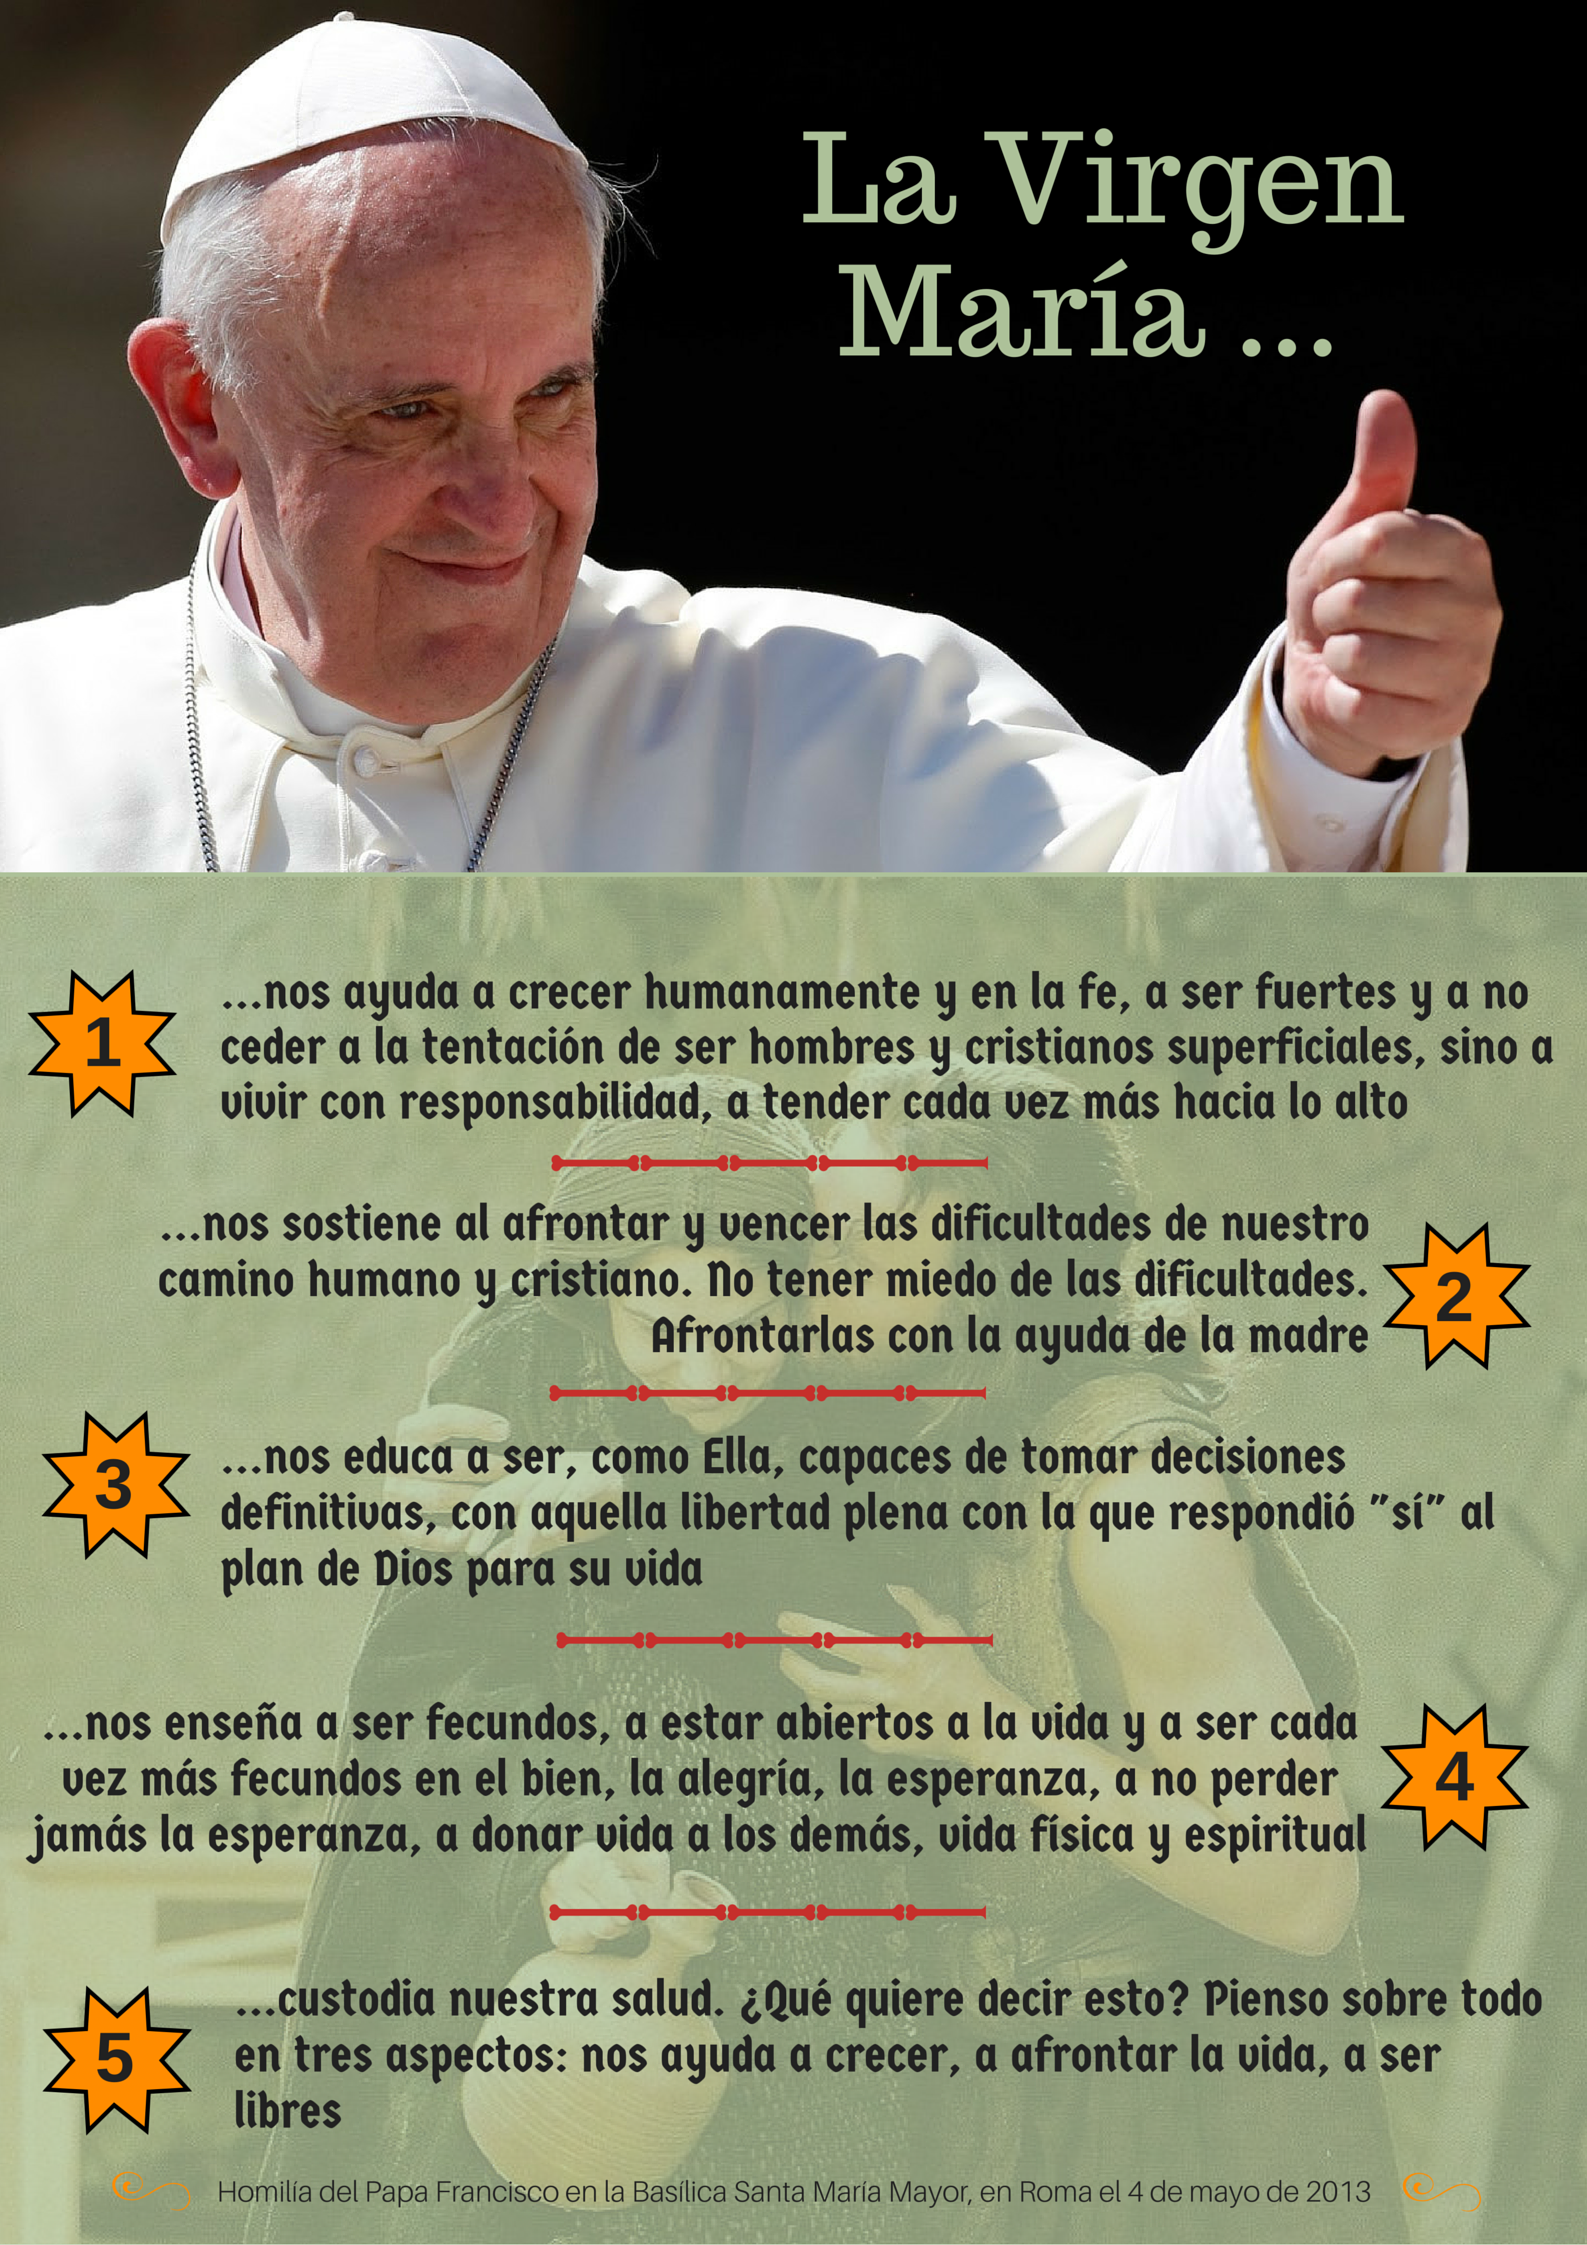 El papa Francisco sobre la Virgen Mara